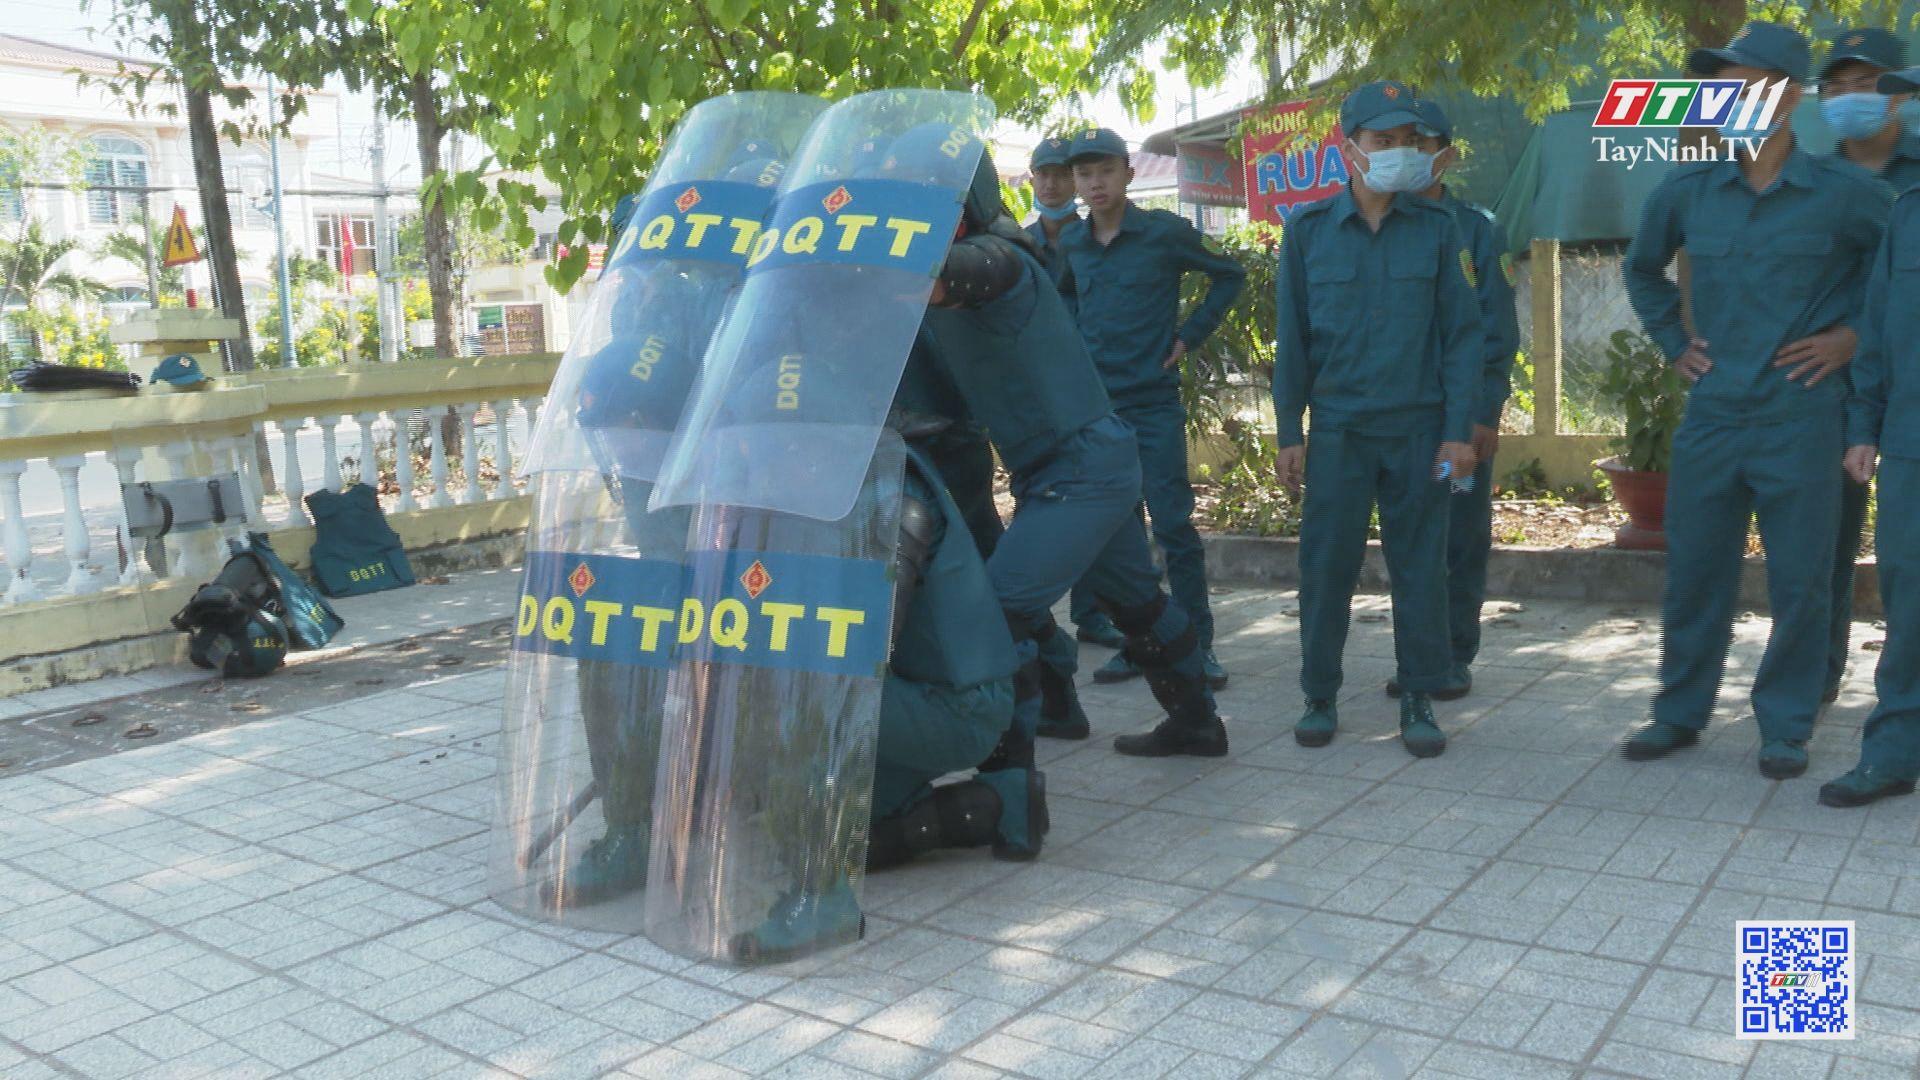 Dân quân tự vệ phối hợp với Công an phường, xã giữ vững an ninh trật tự   PHÁP LUẬT VỀ DÂN QUÂN TỰ VỆ   TayNinhTV